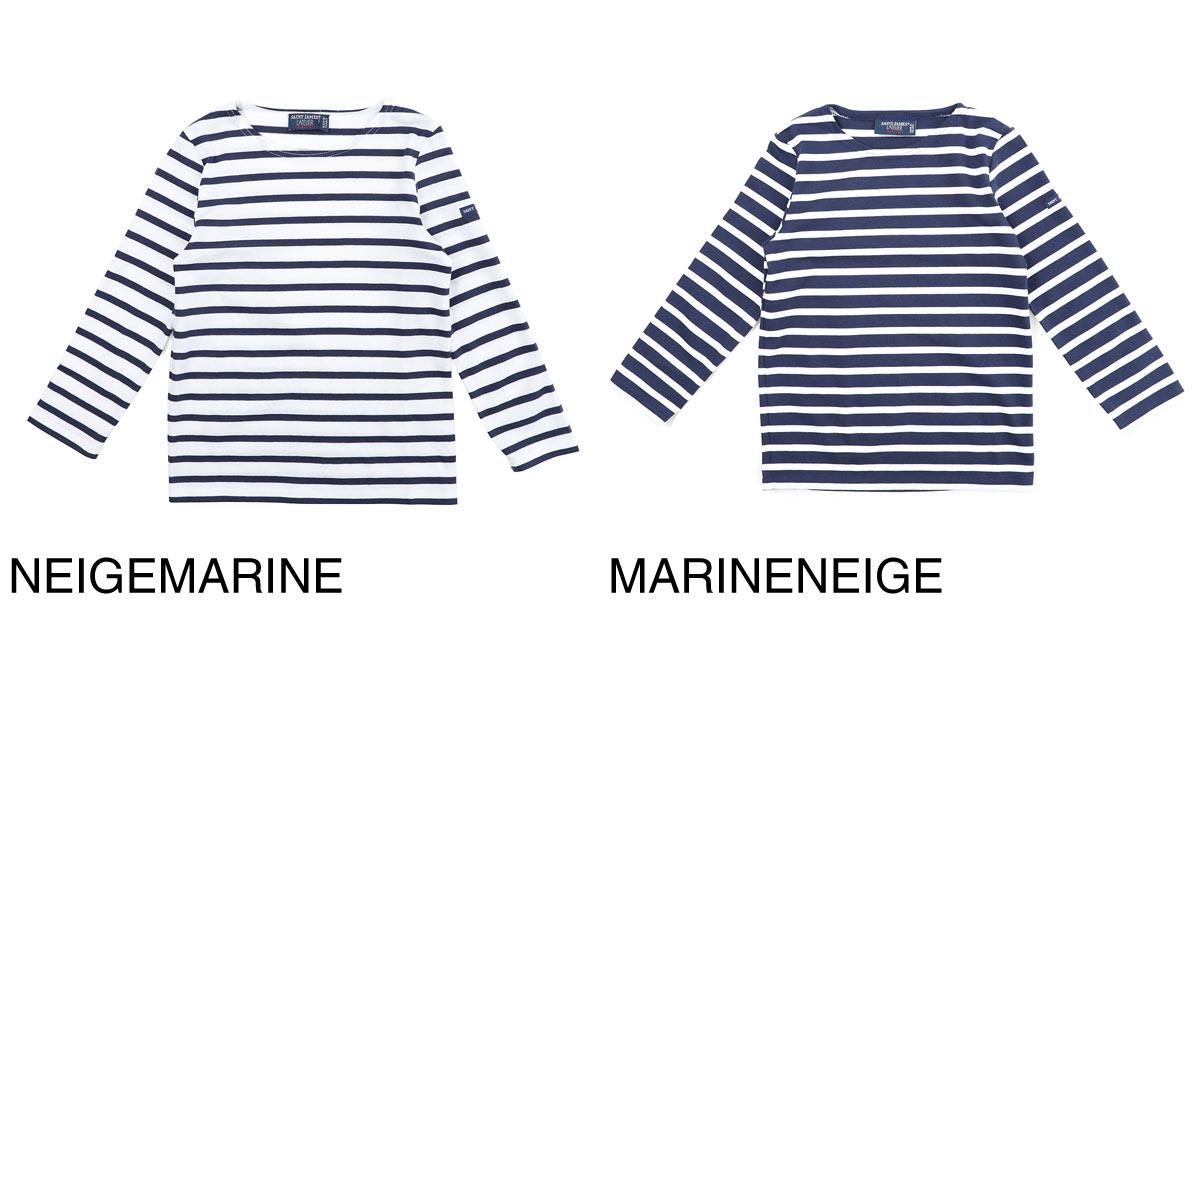 【タイムセール TOPS】【ロングセラー】SAINT JAMES セントジェームス クルーネック 長袖Tシャツ/Tシャツ/MINQUIERS MODERN キッズ